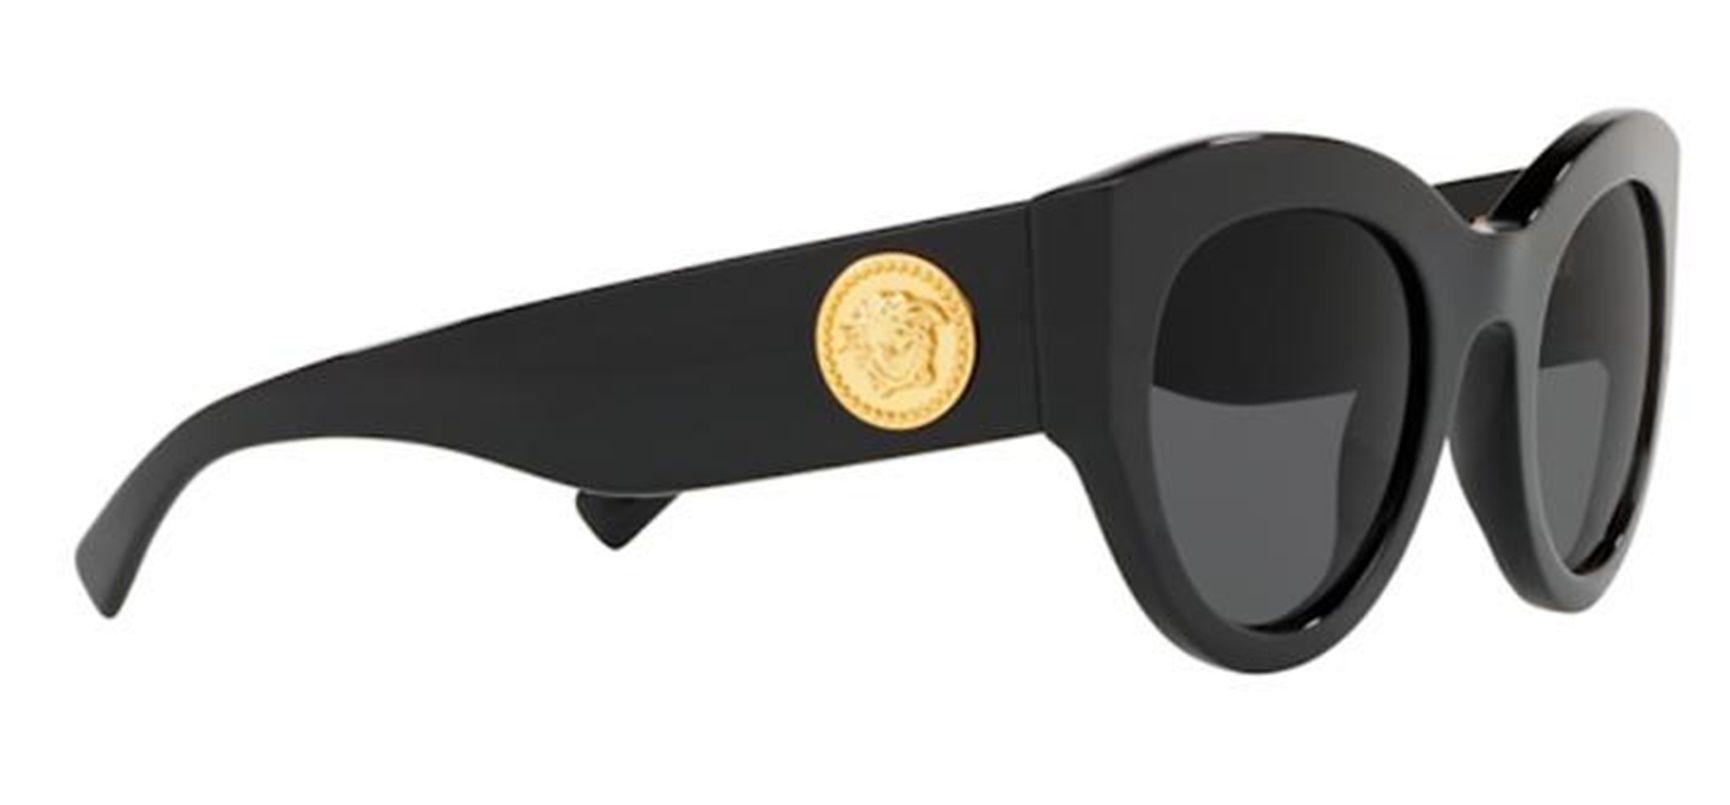 38c46b7ea Óculos de Sol Versace Bruna Marquezine MOD. 4353 GB1/87 - Omega ...